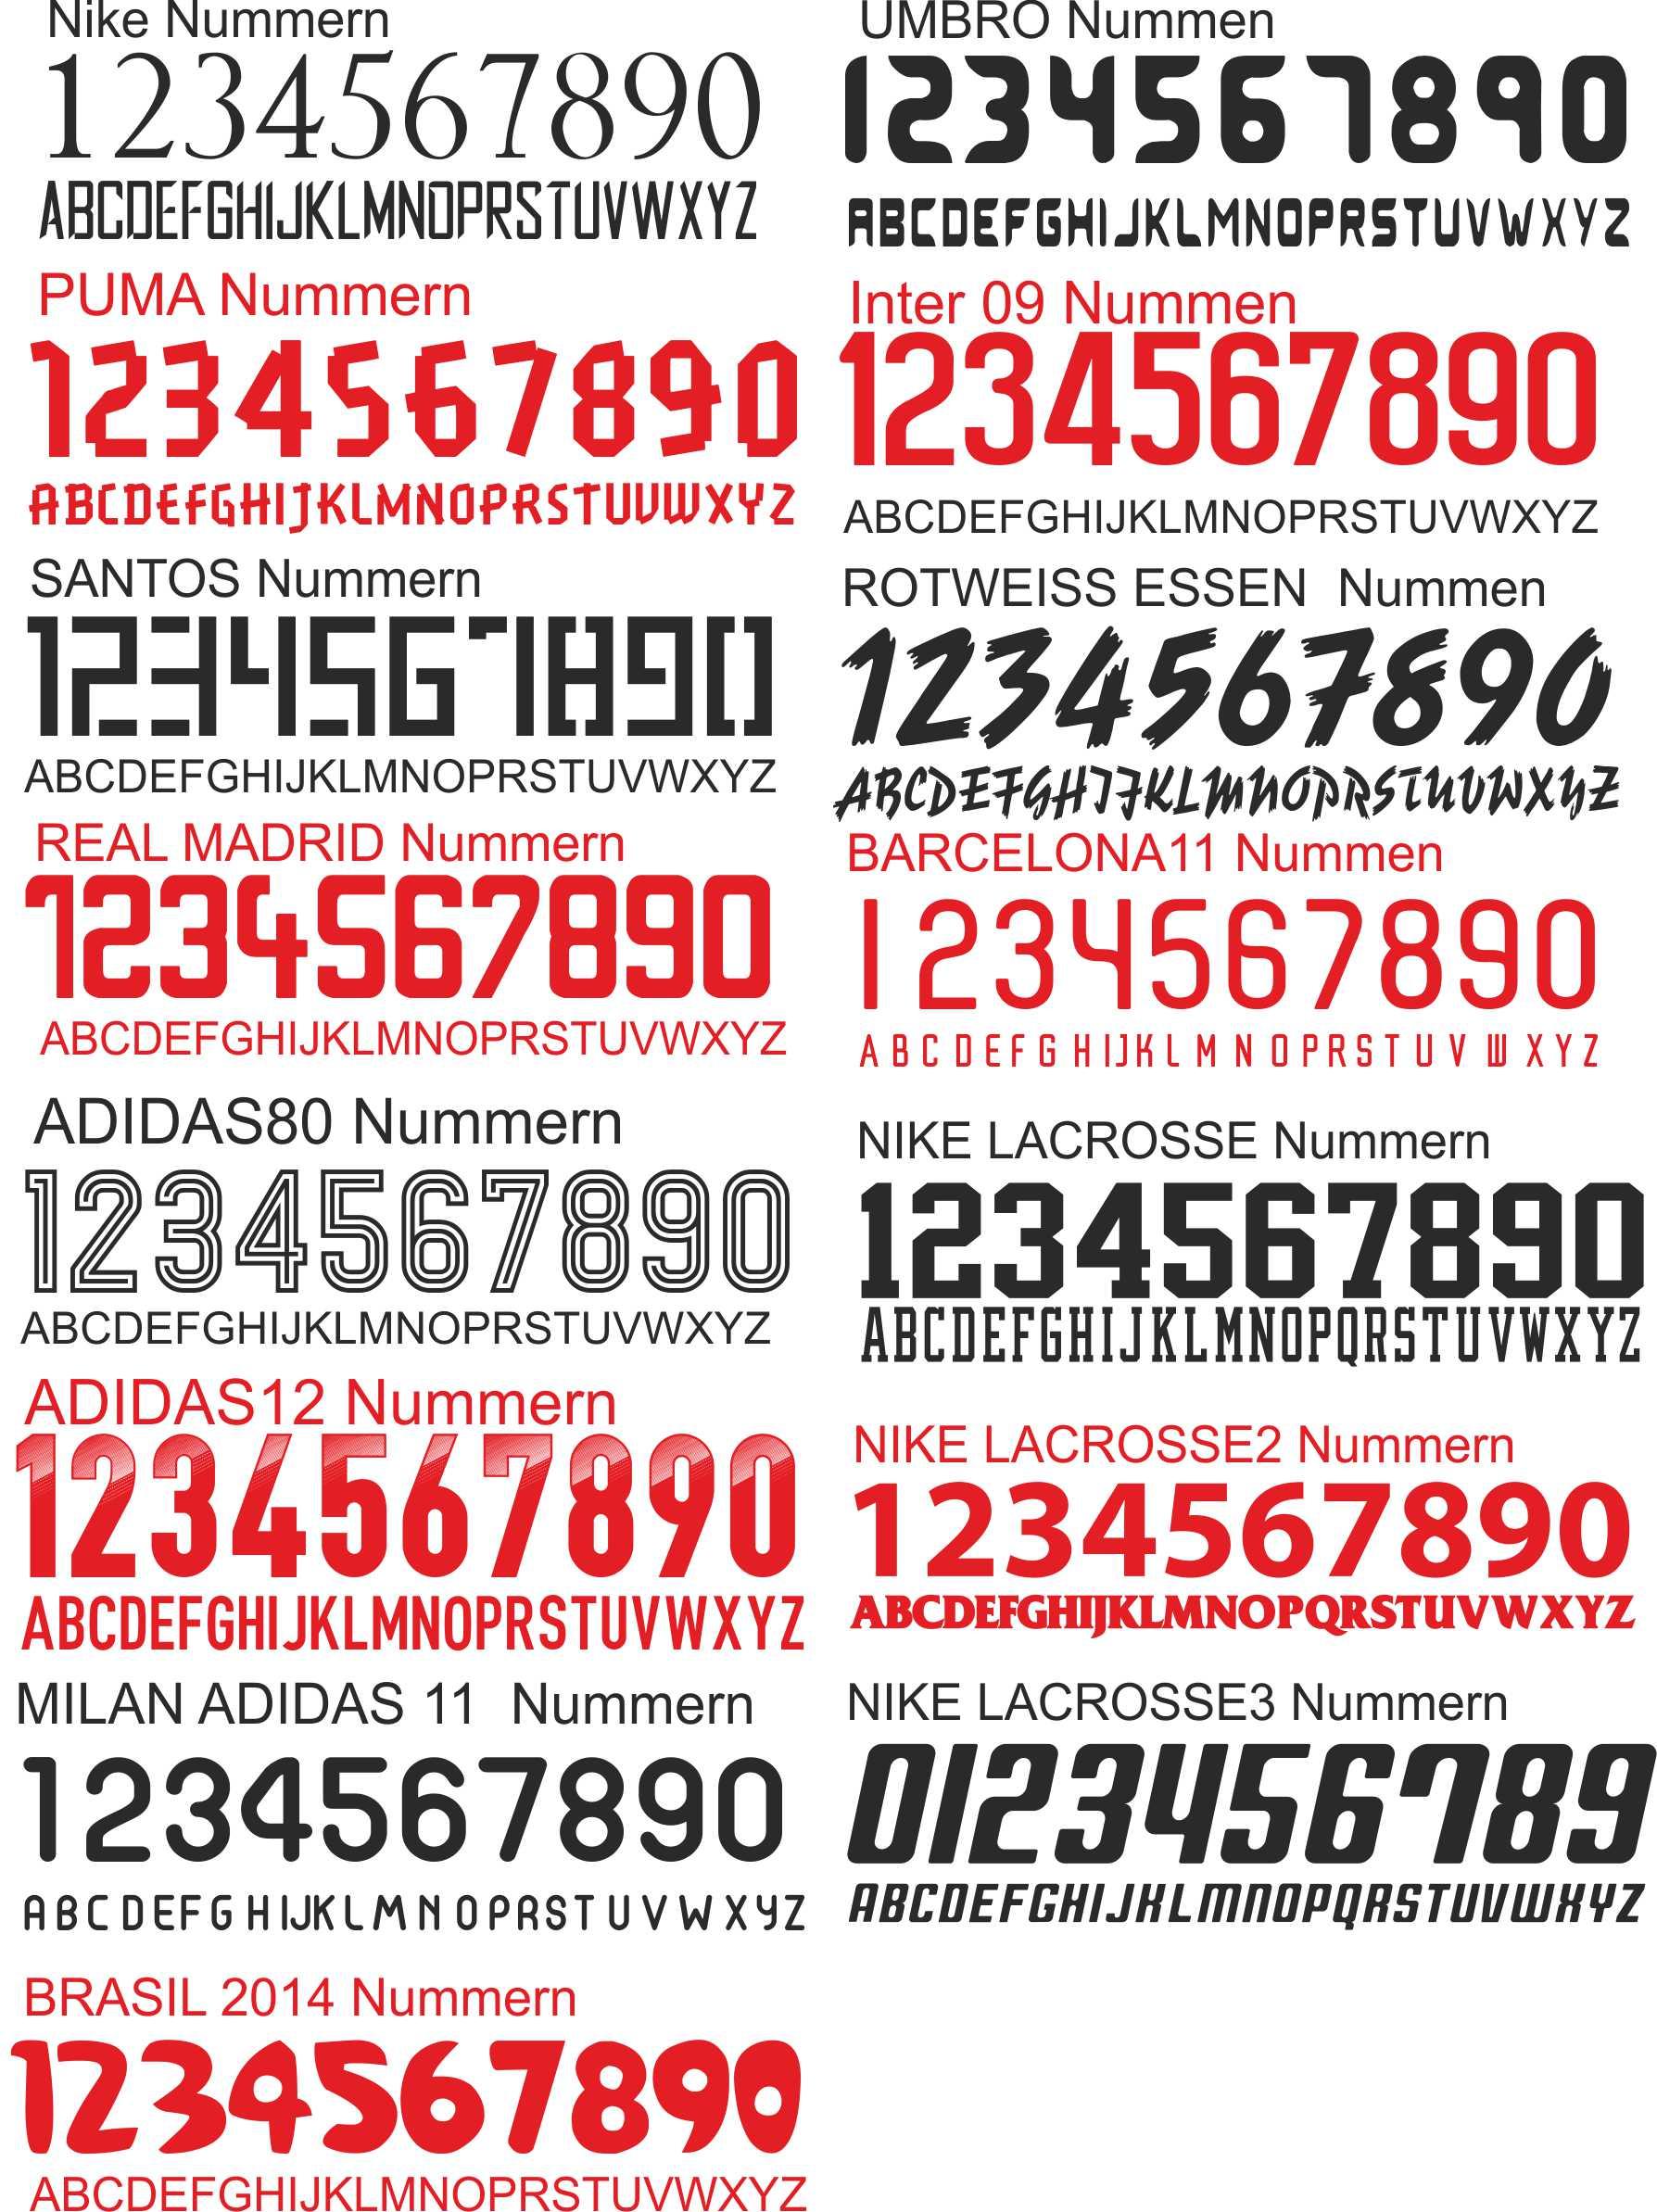 Trikotnummer1